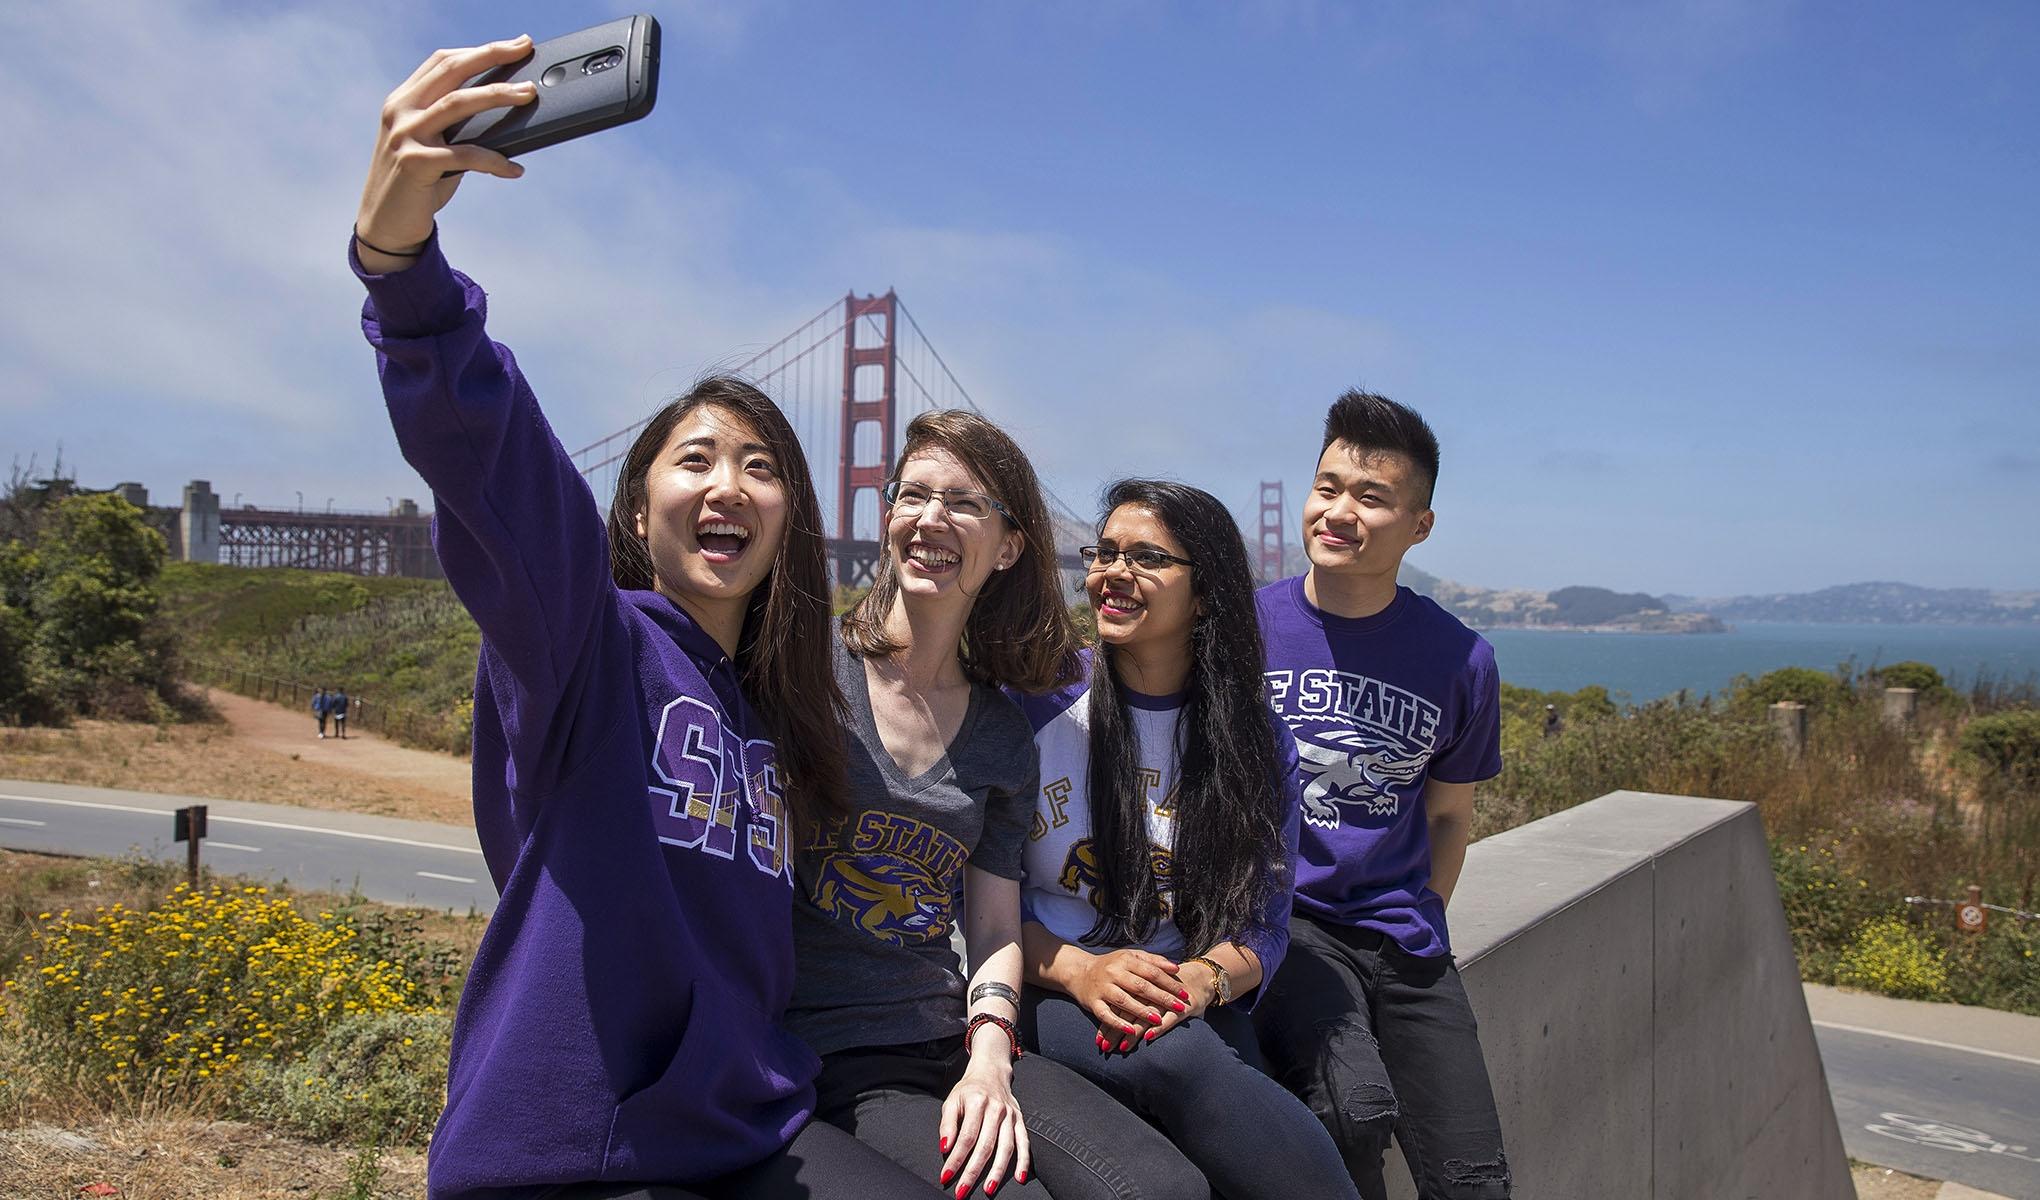 SFSU Future Students